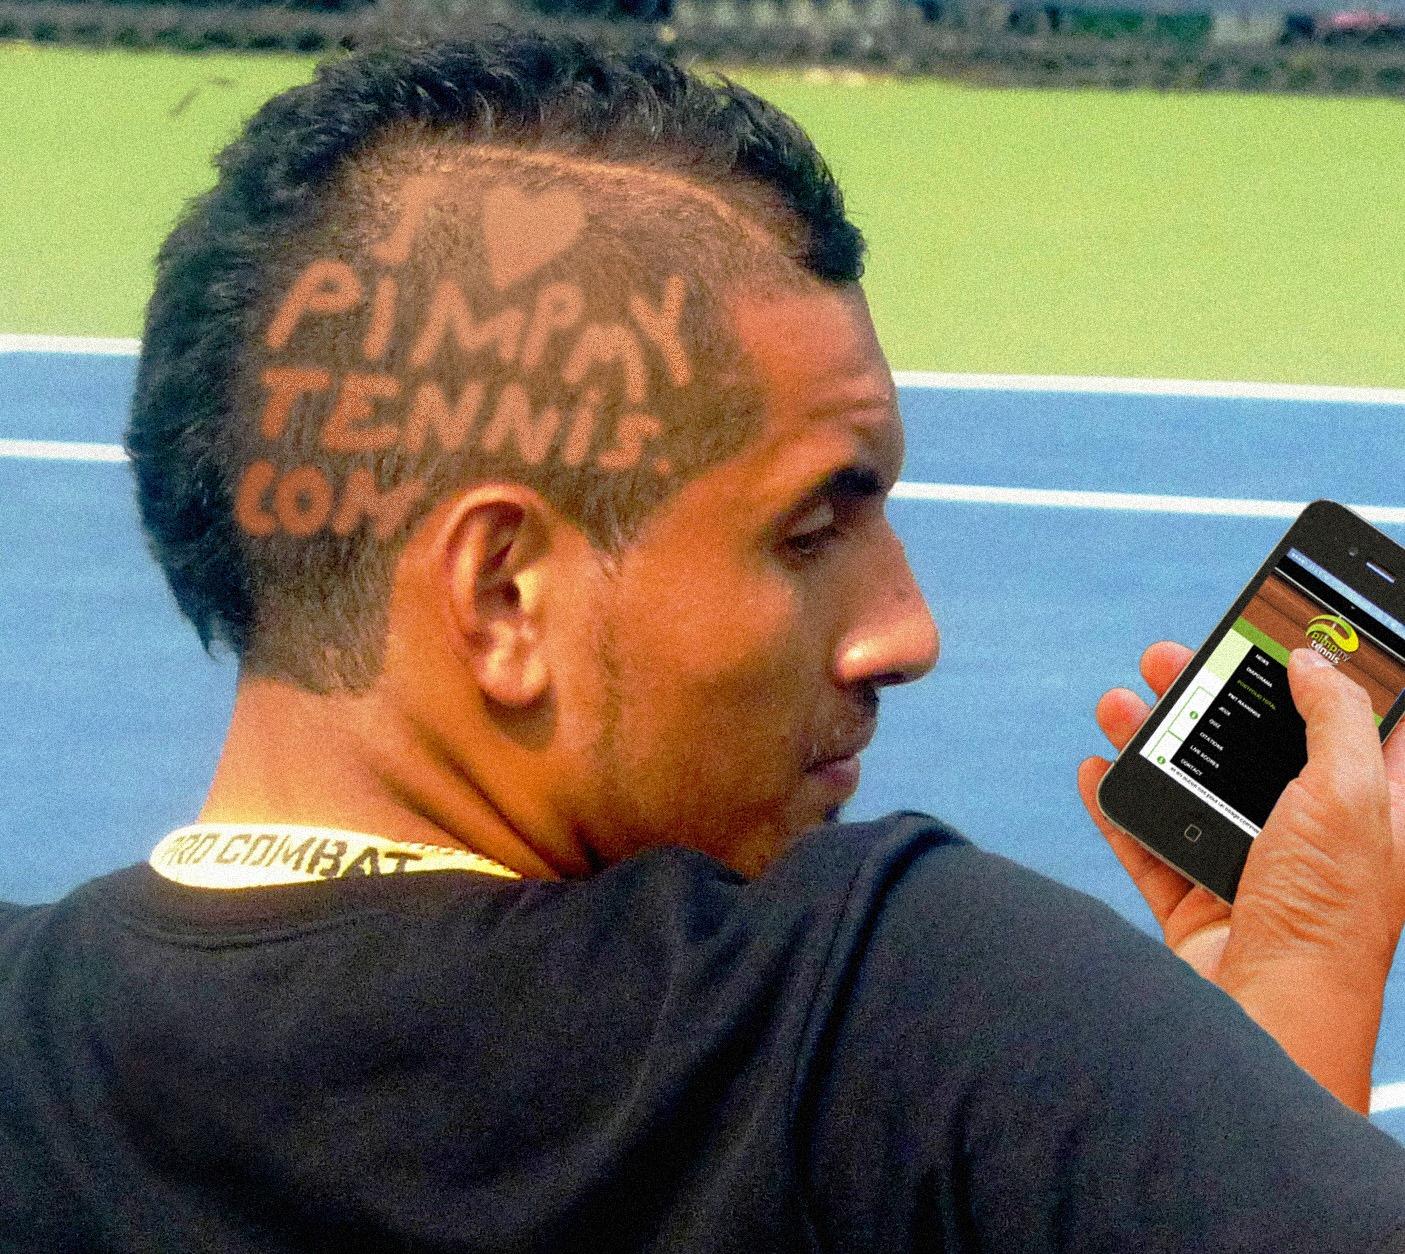 Nick Kyrgios coupe de cheveux spéciale pour pimpmytennis.com